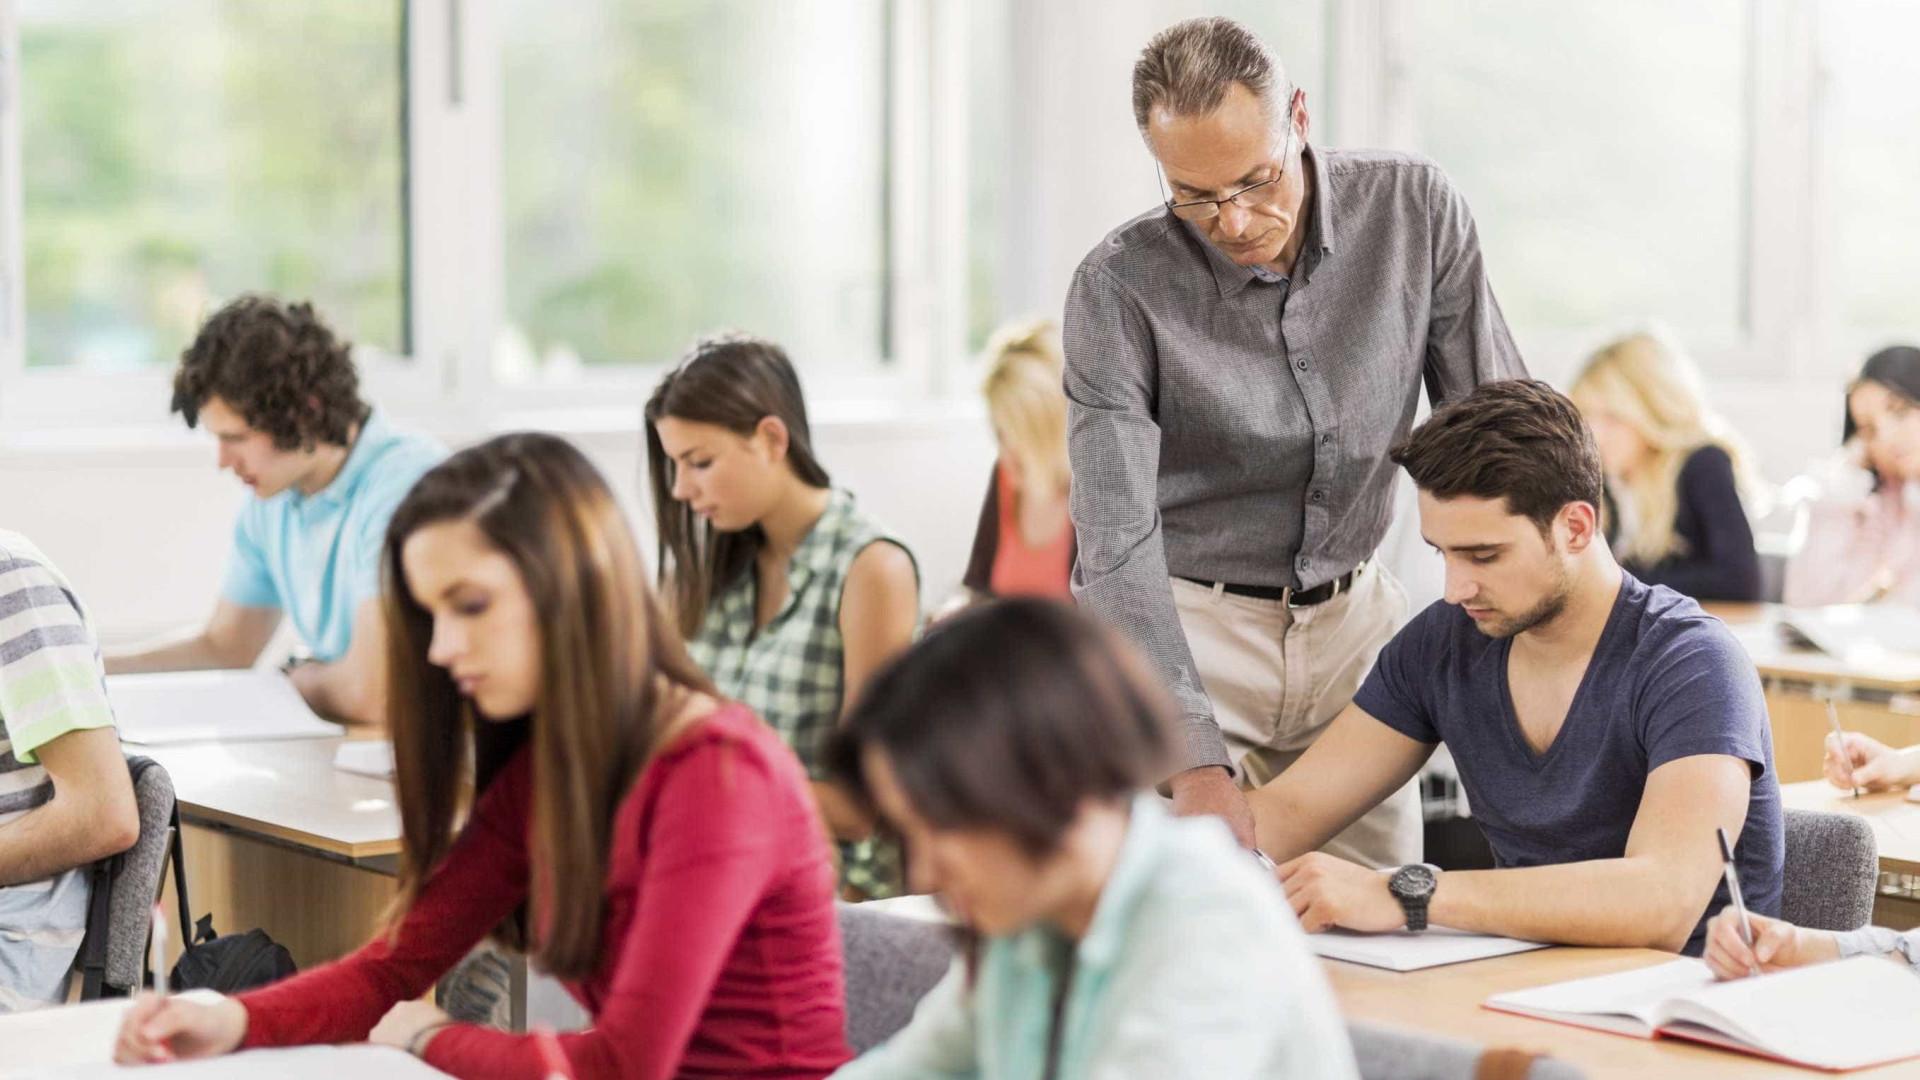 Apreciada revogação da propina do Ensino de Português no Estrangeiro